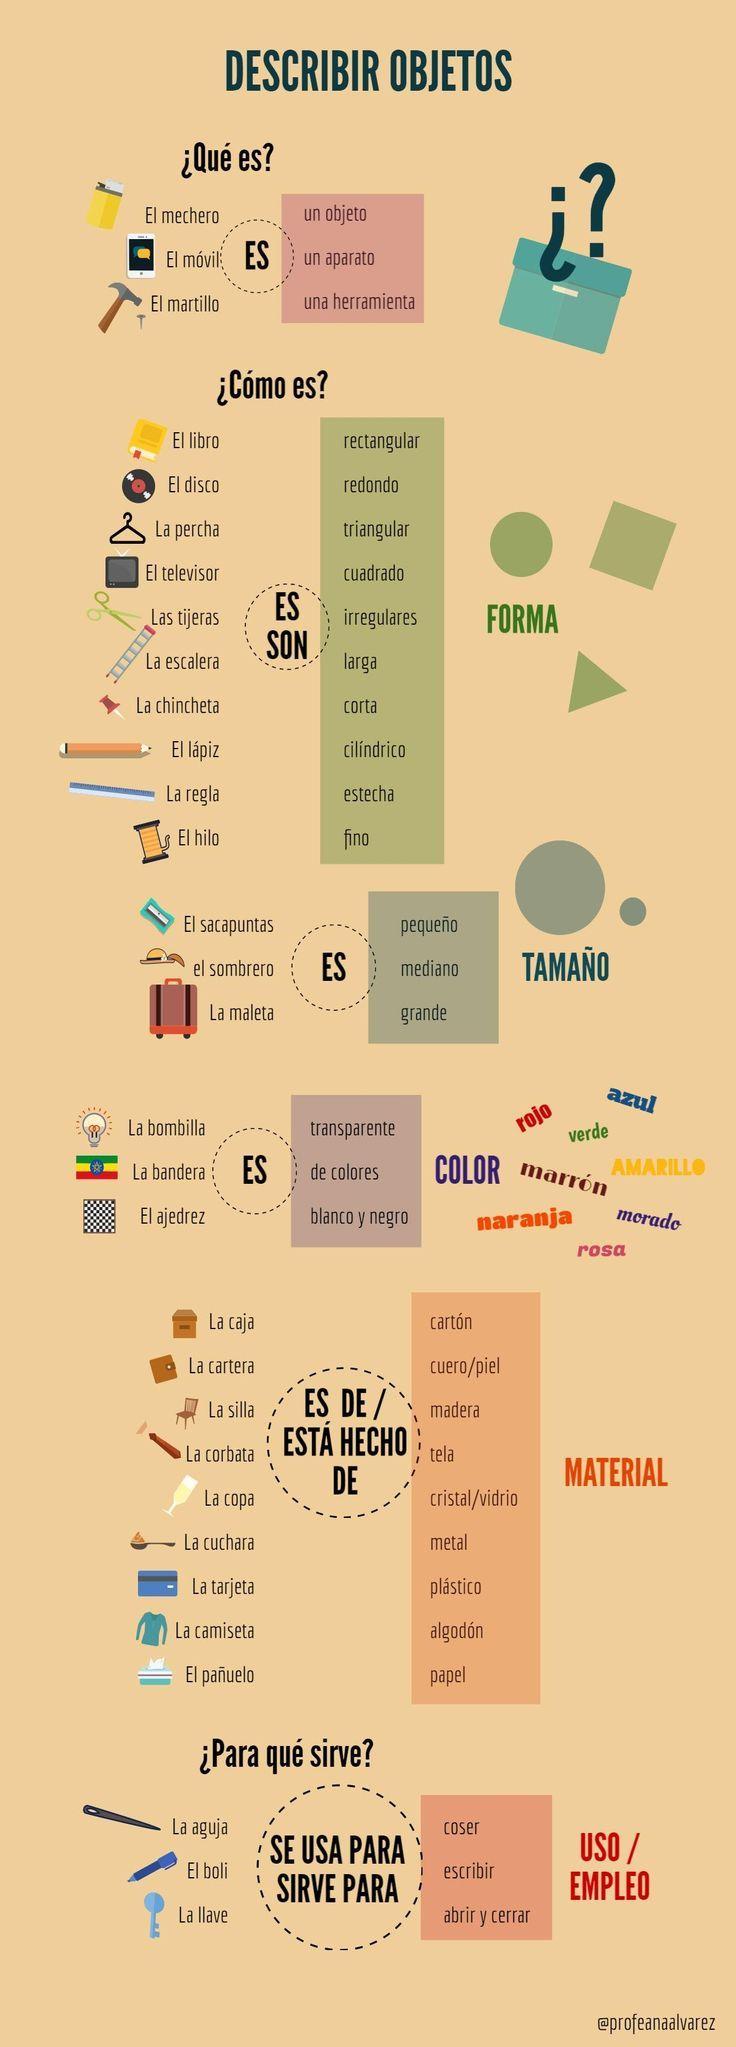 ¿Qué hacéis si estáis en España y necesitáis urgentemente comprar un objeto cuyo nombre desconocéis? Una opción (probablemente la más fácil, lo admito) es buscar su traducción en un diccionario, pe…